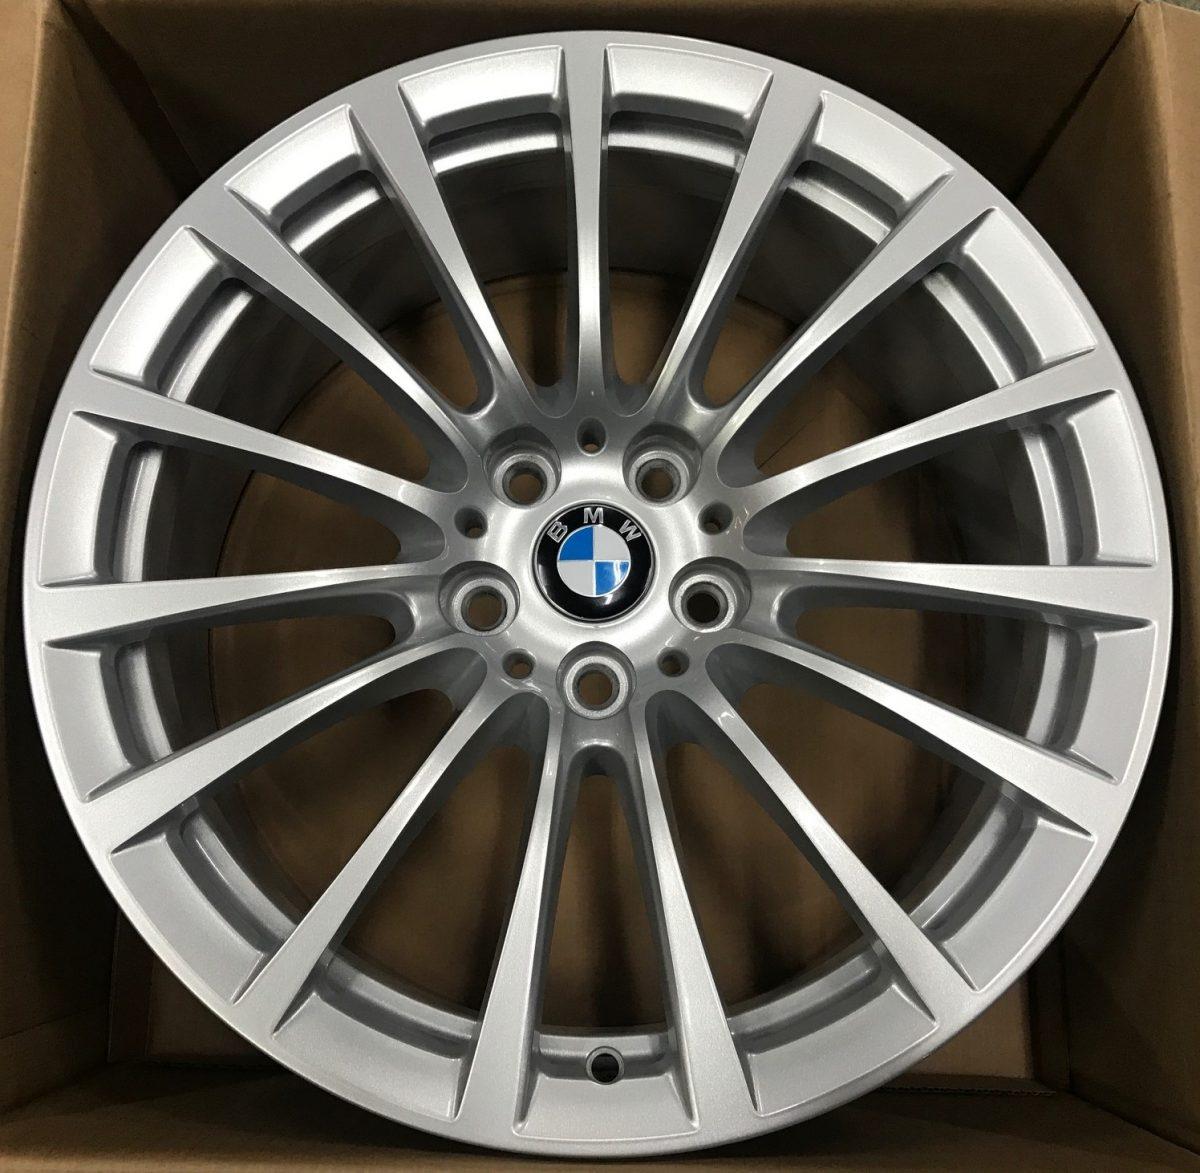 Gyári alufelni BMW G30 (619styl) 8X18 ET30 alufelni 1